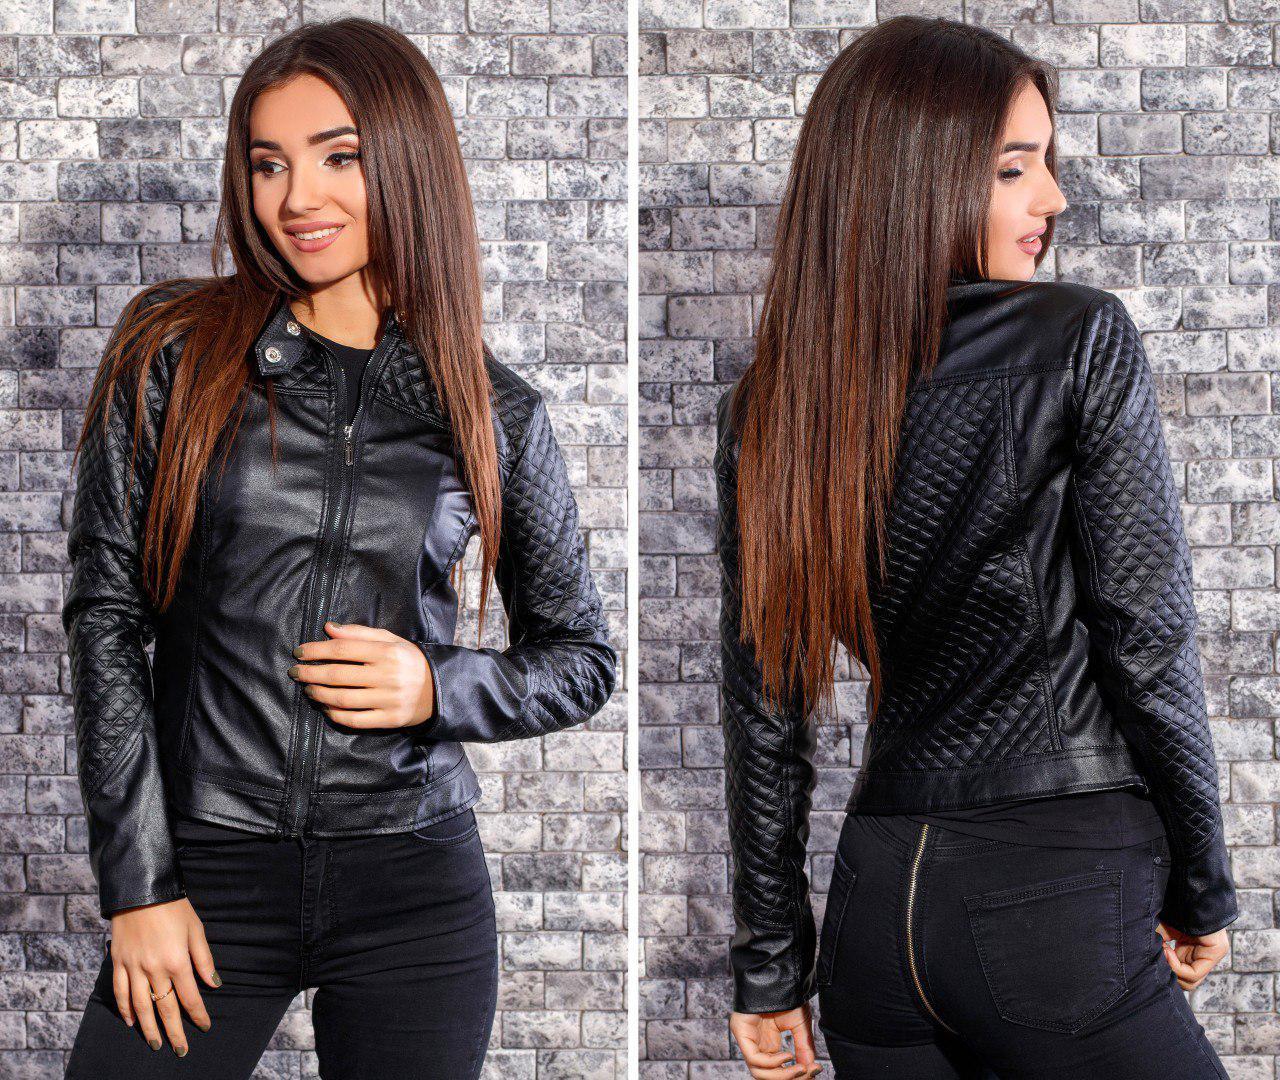 244389b4bfd0 Женская куртка, экокожа, р-р 42  44  46  48 (чёрный), цена 576 грн ...